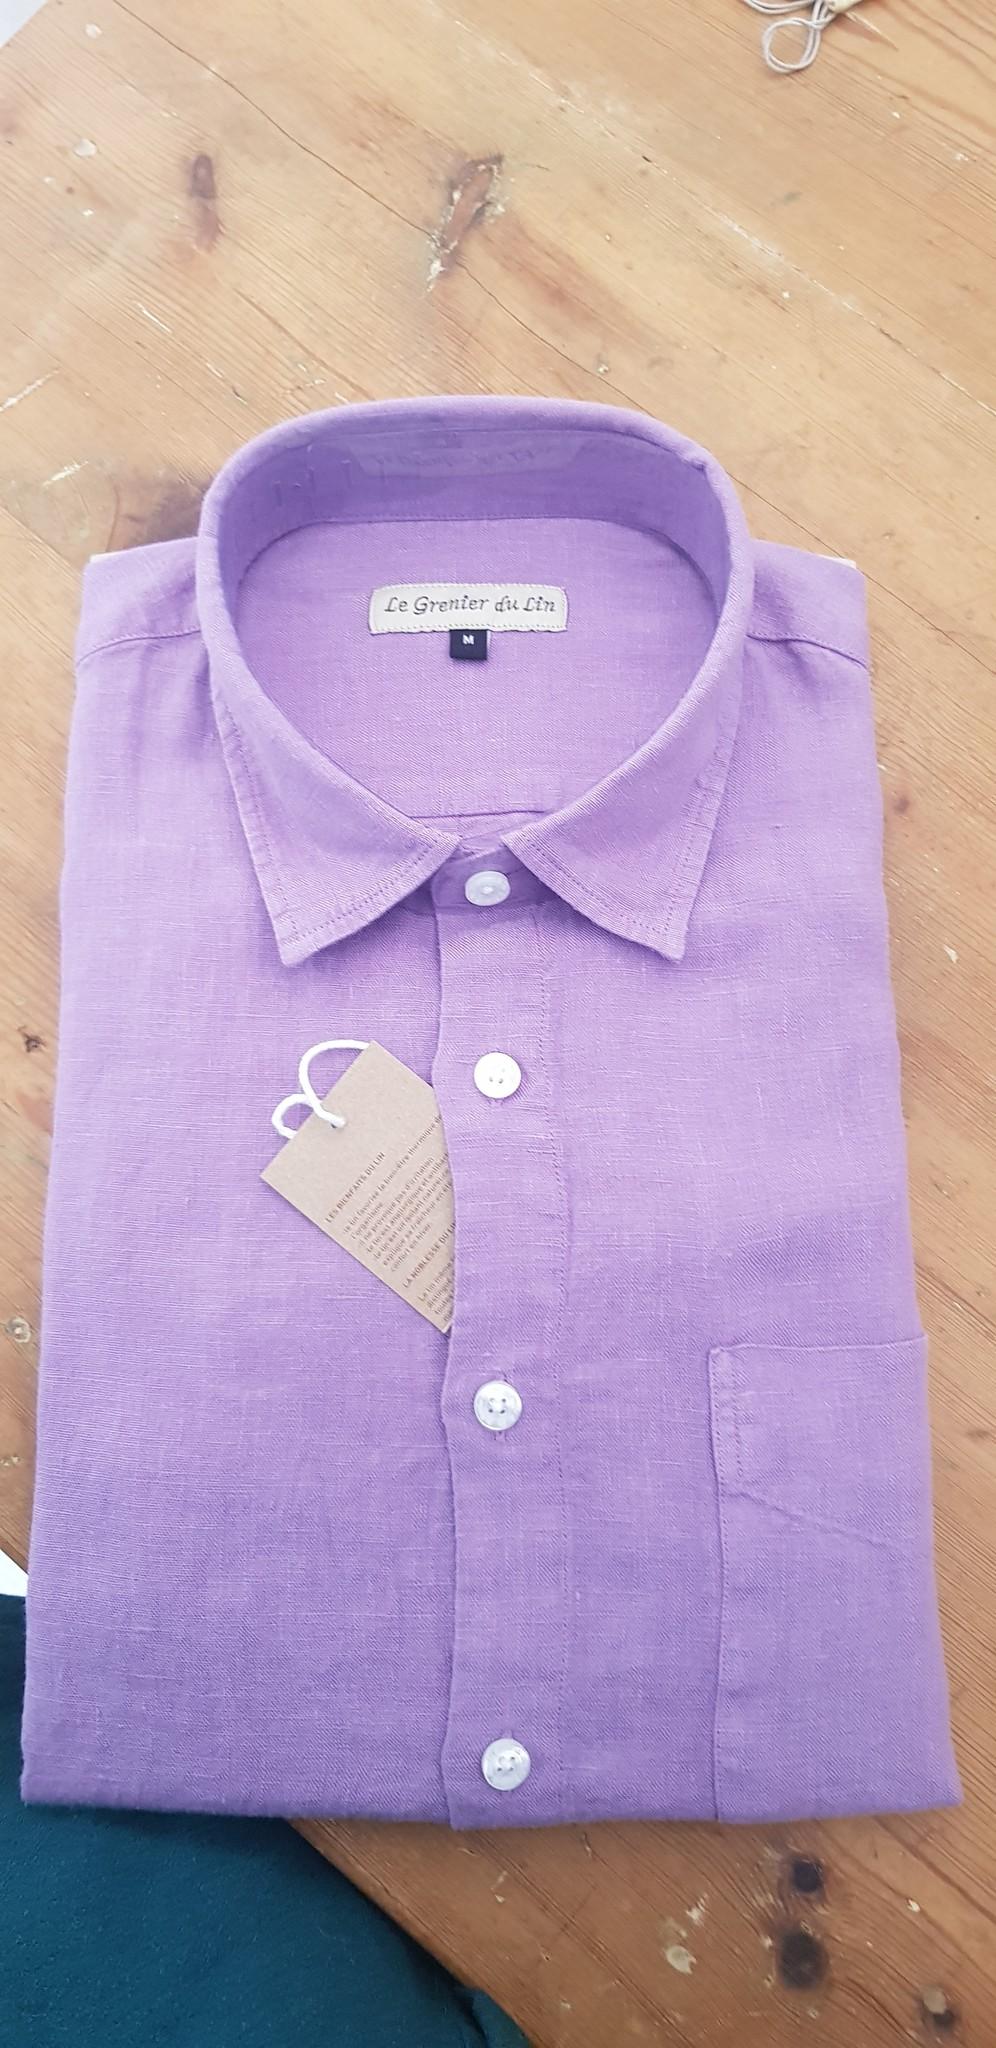 Le grenier du lin Lilac long sleeve shirt